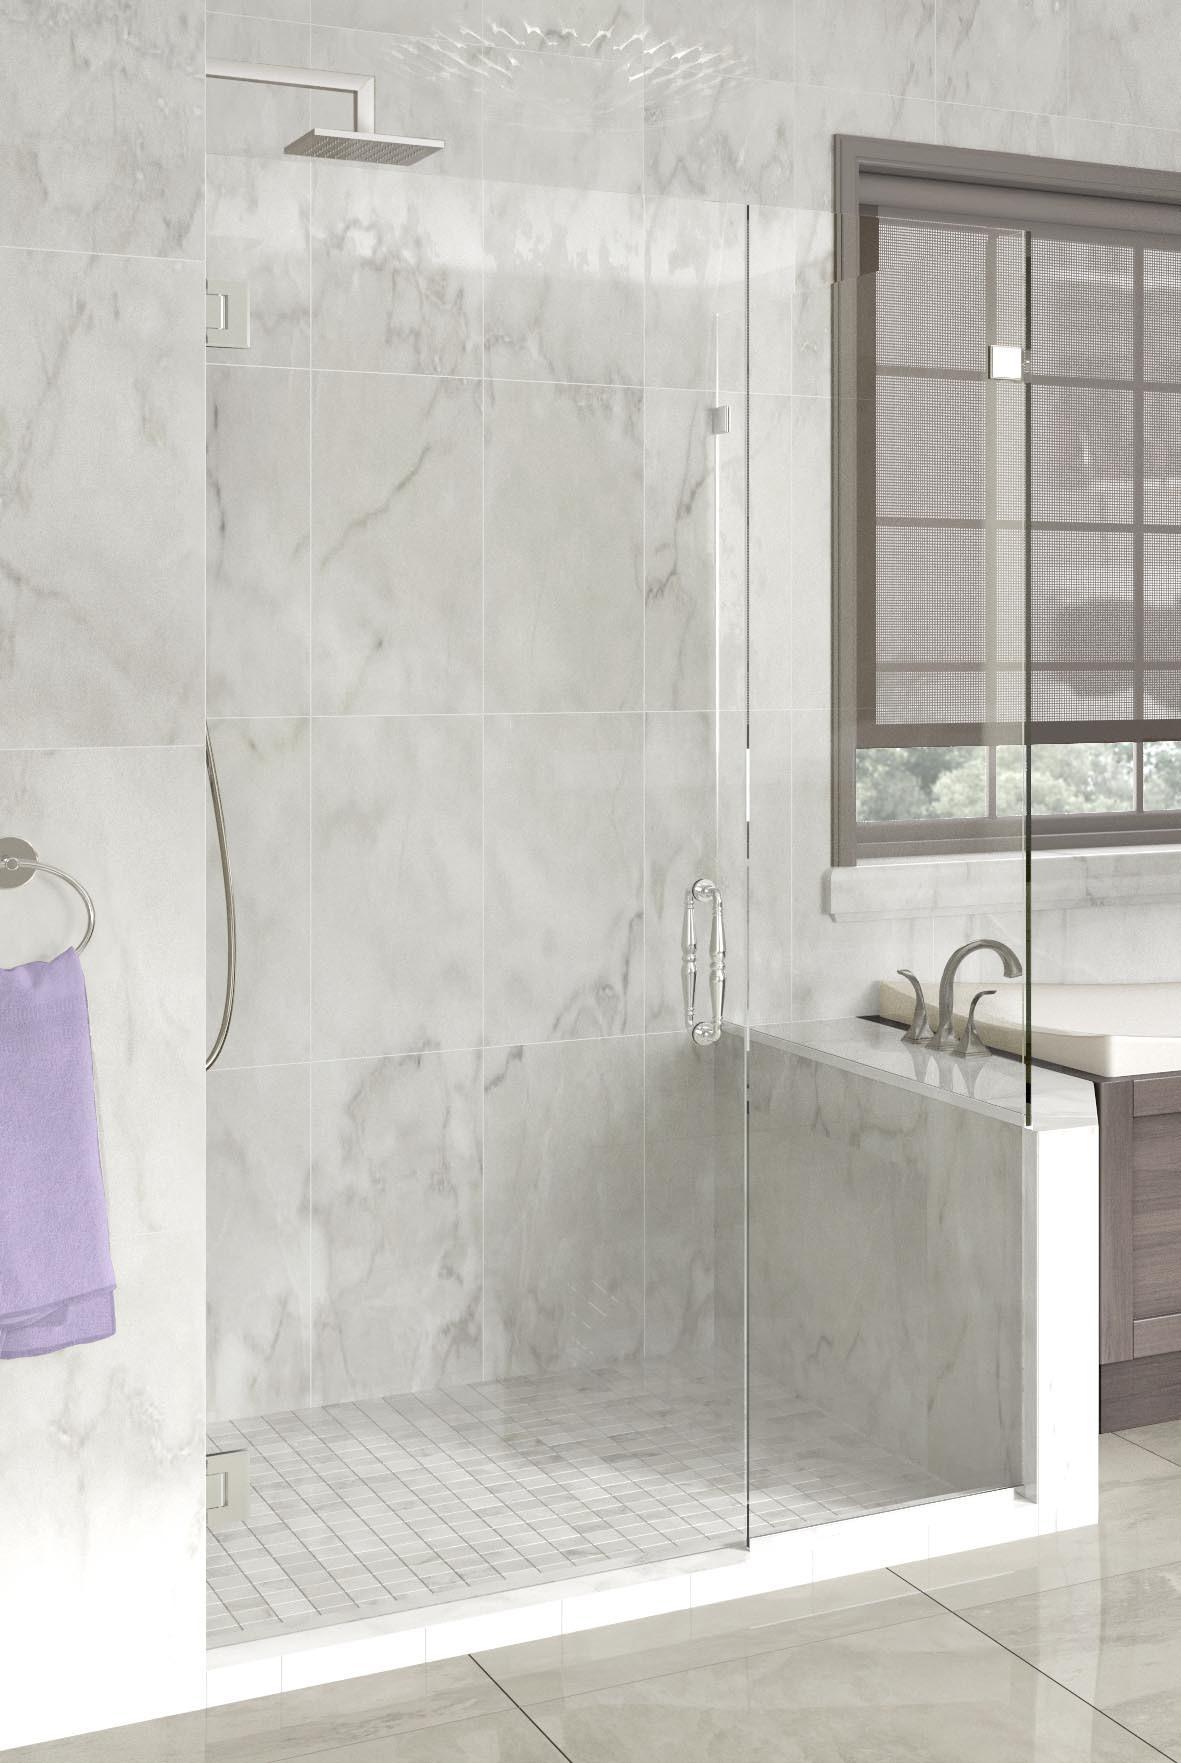 Tresor Frameless 3 8 Inch Glass Swing Door Basco Shower Doors